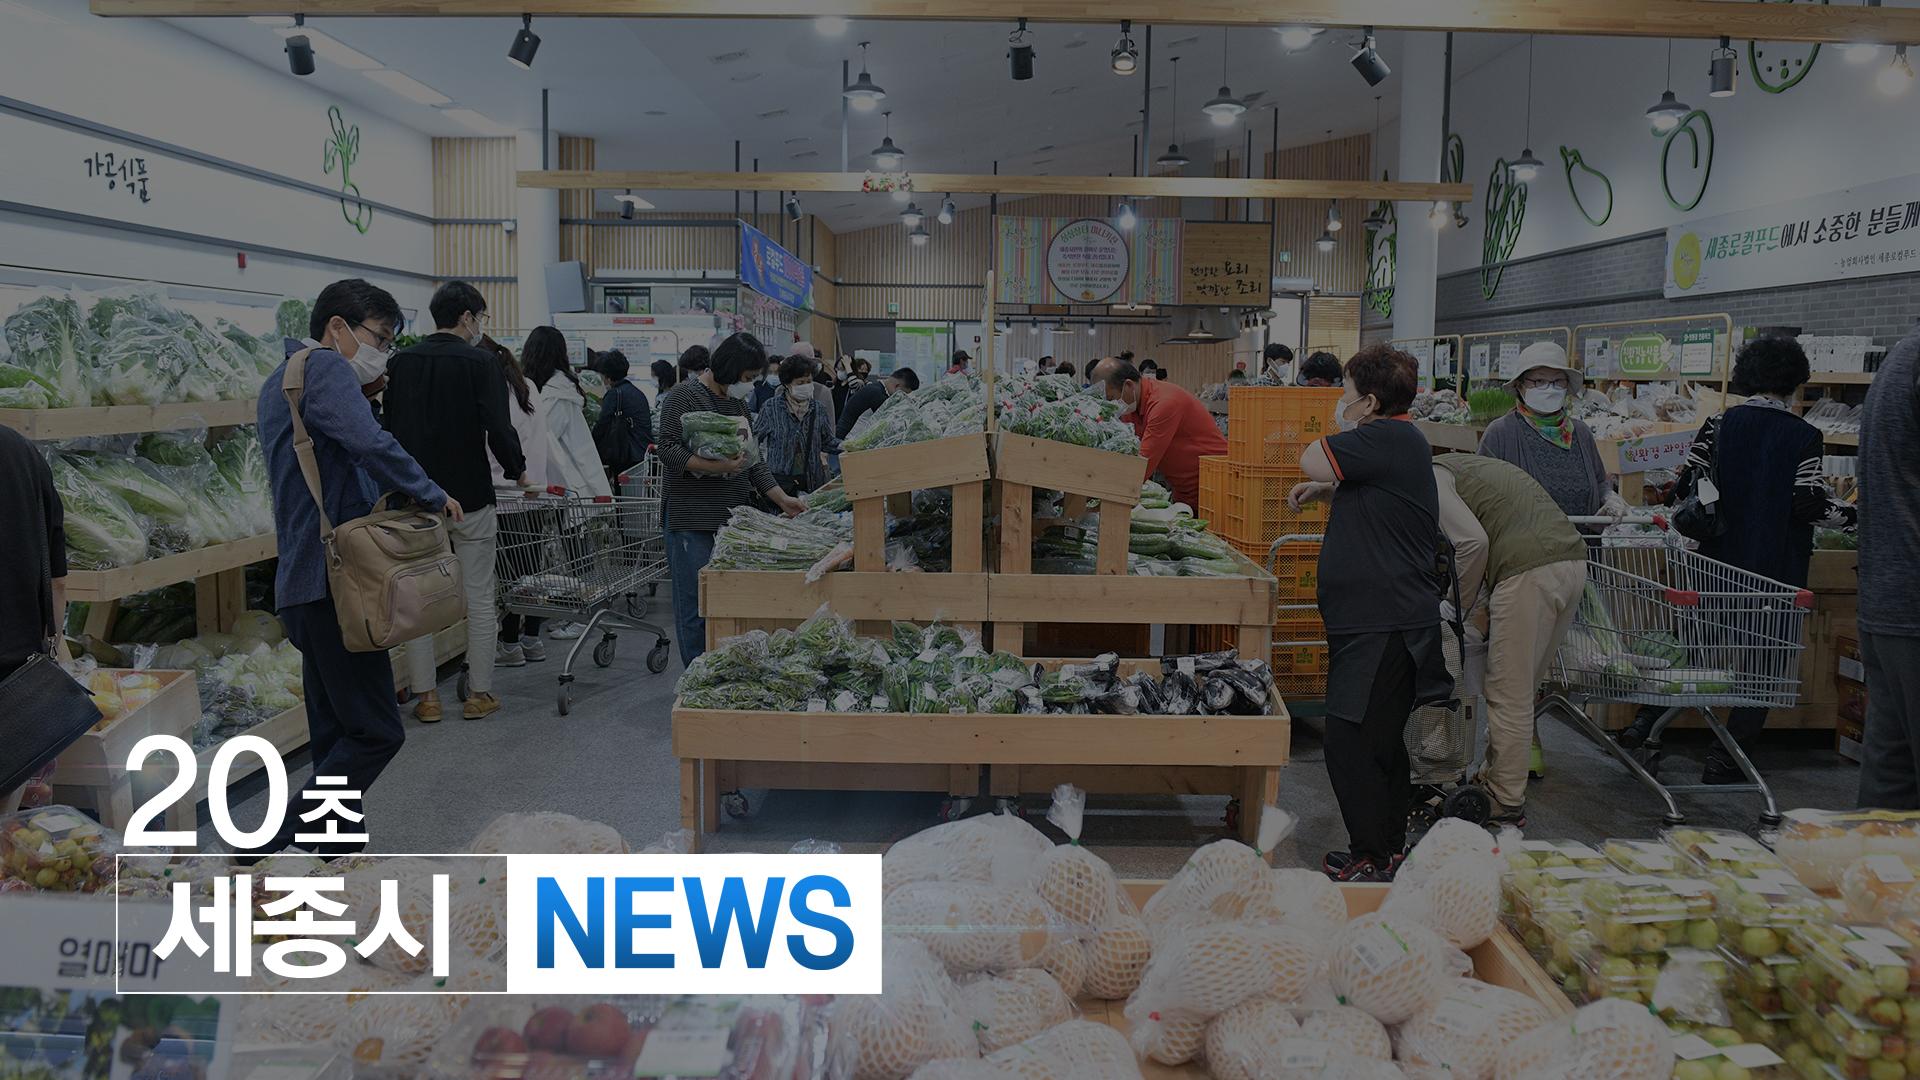 <20초뉴스> 싱싱장터 매출액 1,000억 달성 기념행사·포럼 개최